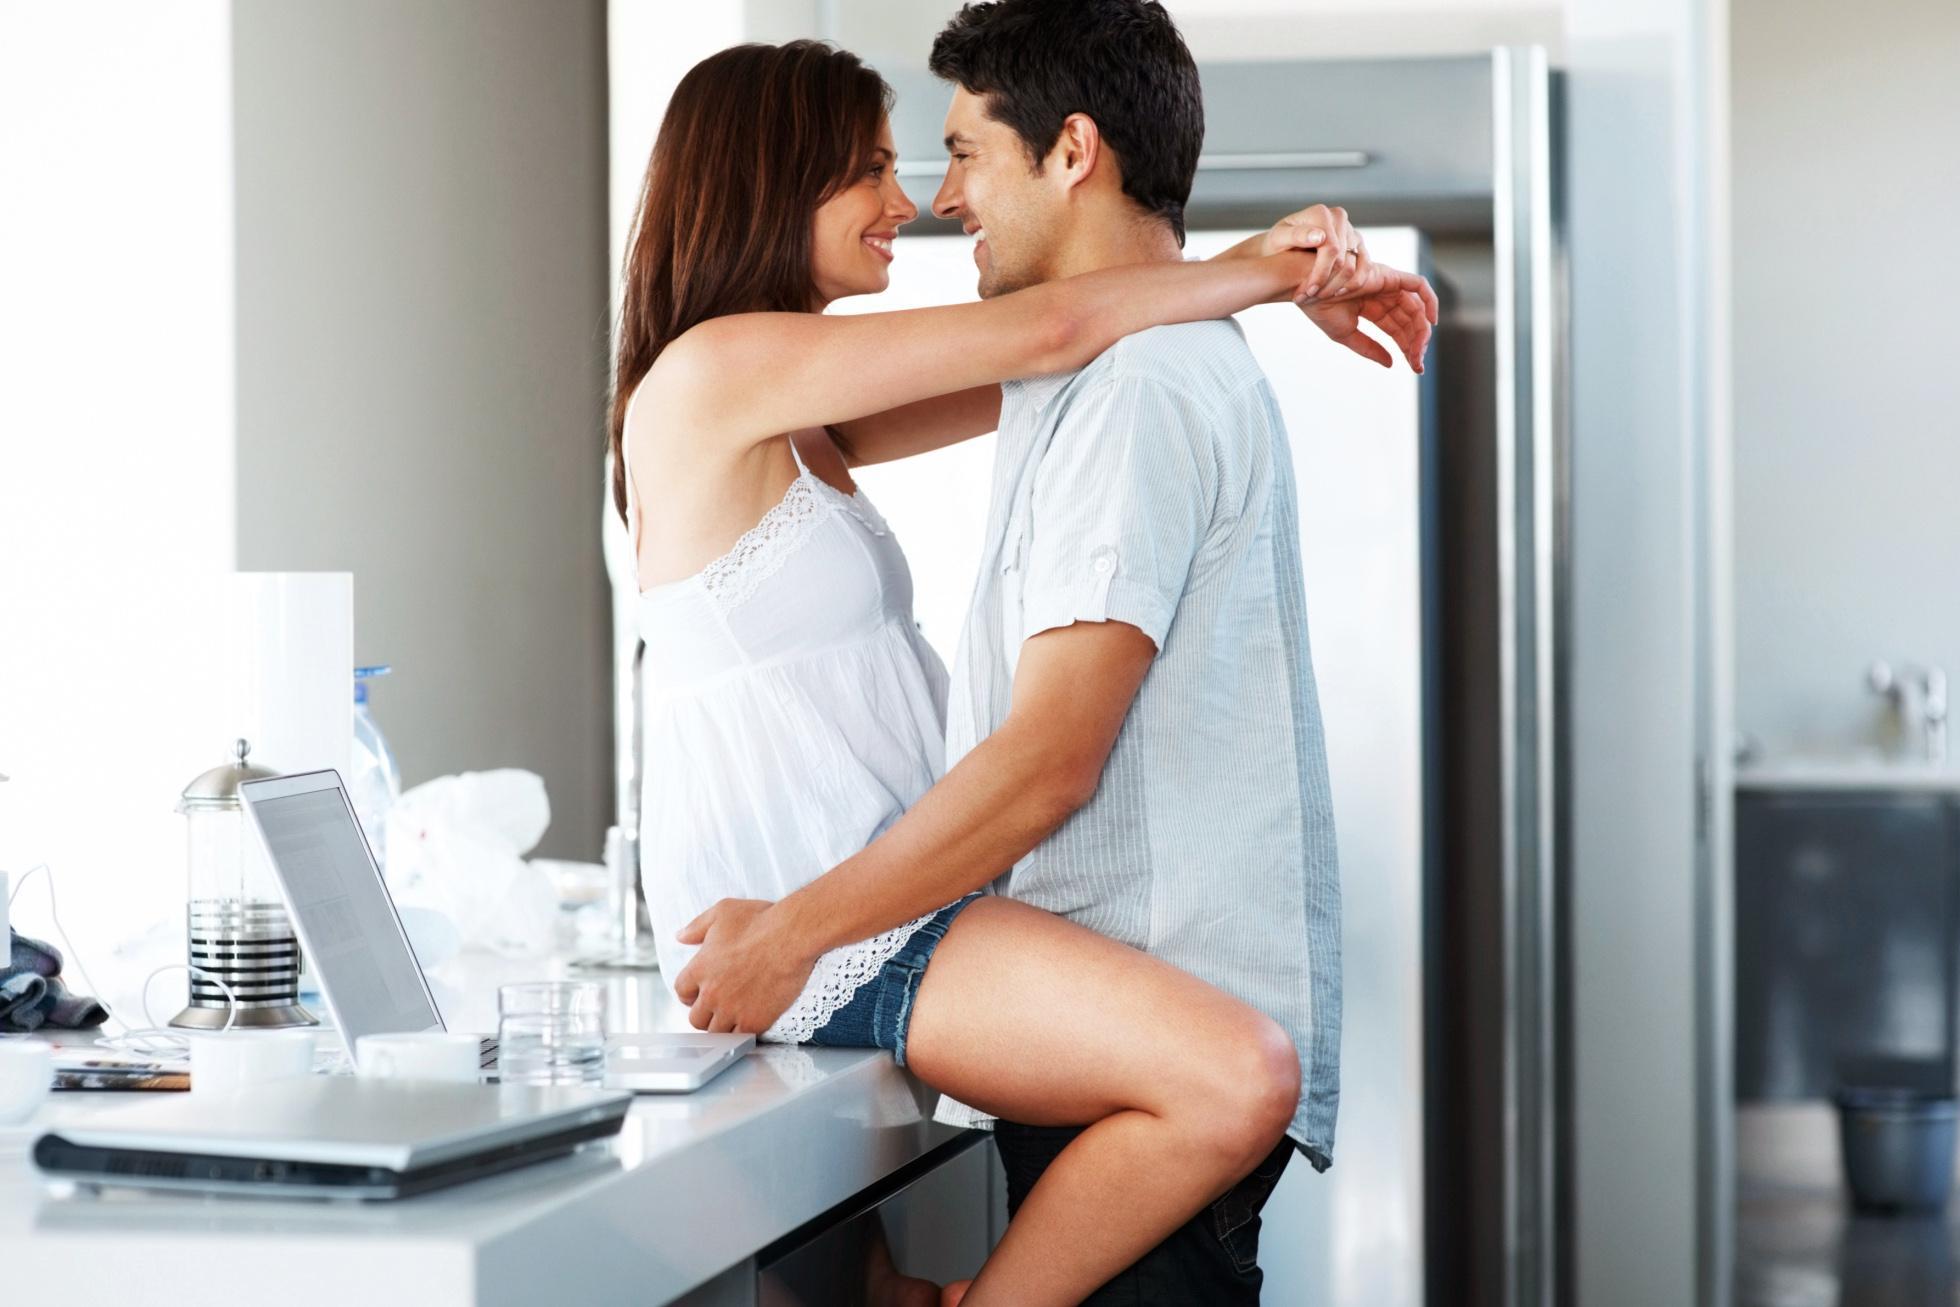 amikor feláll ha a partnernek van egy kis péniszpozíciója